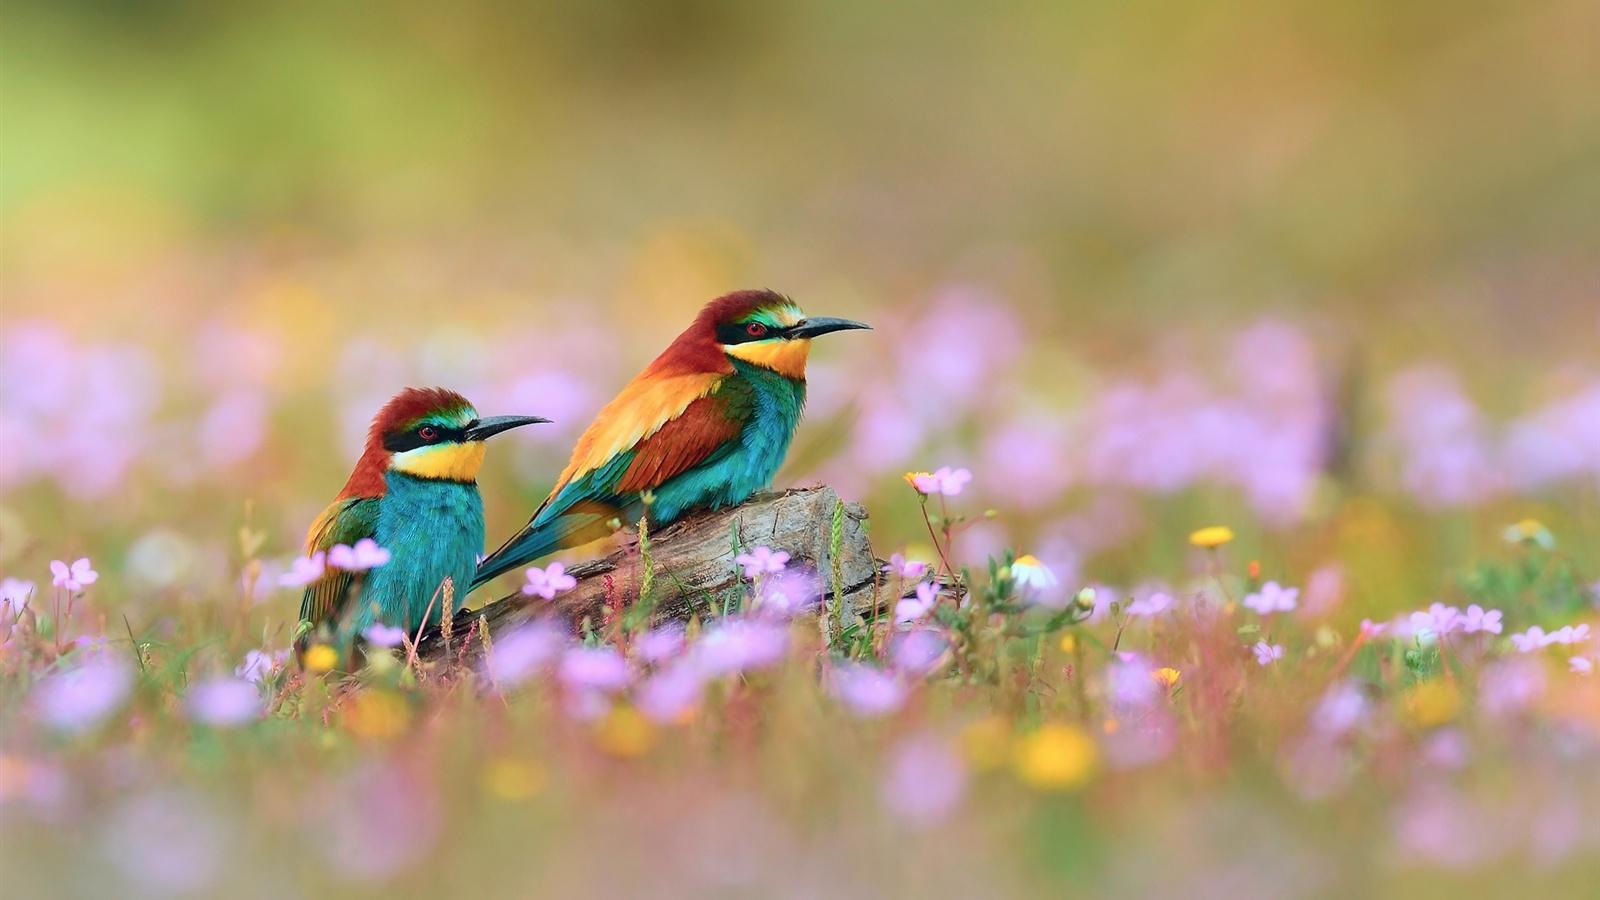 притаившиеся птички бесплатно